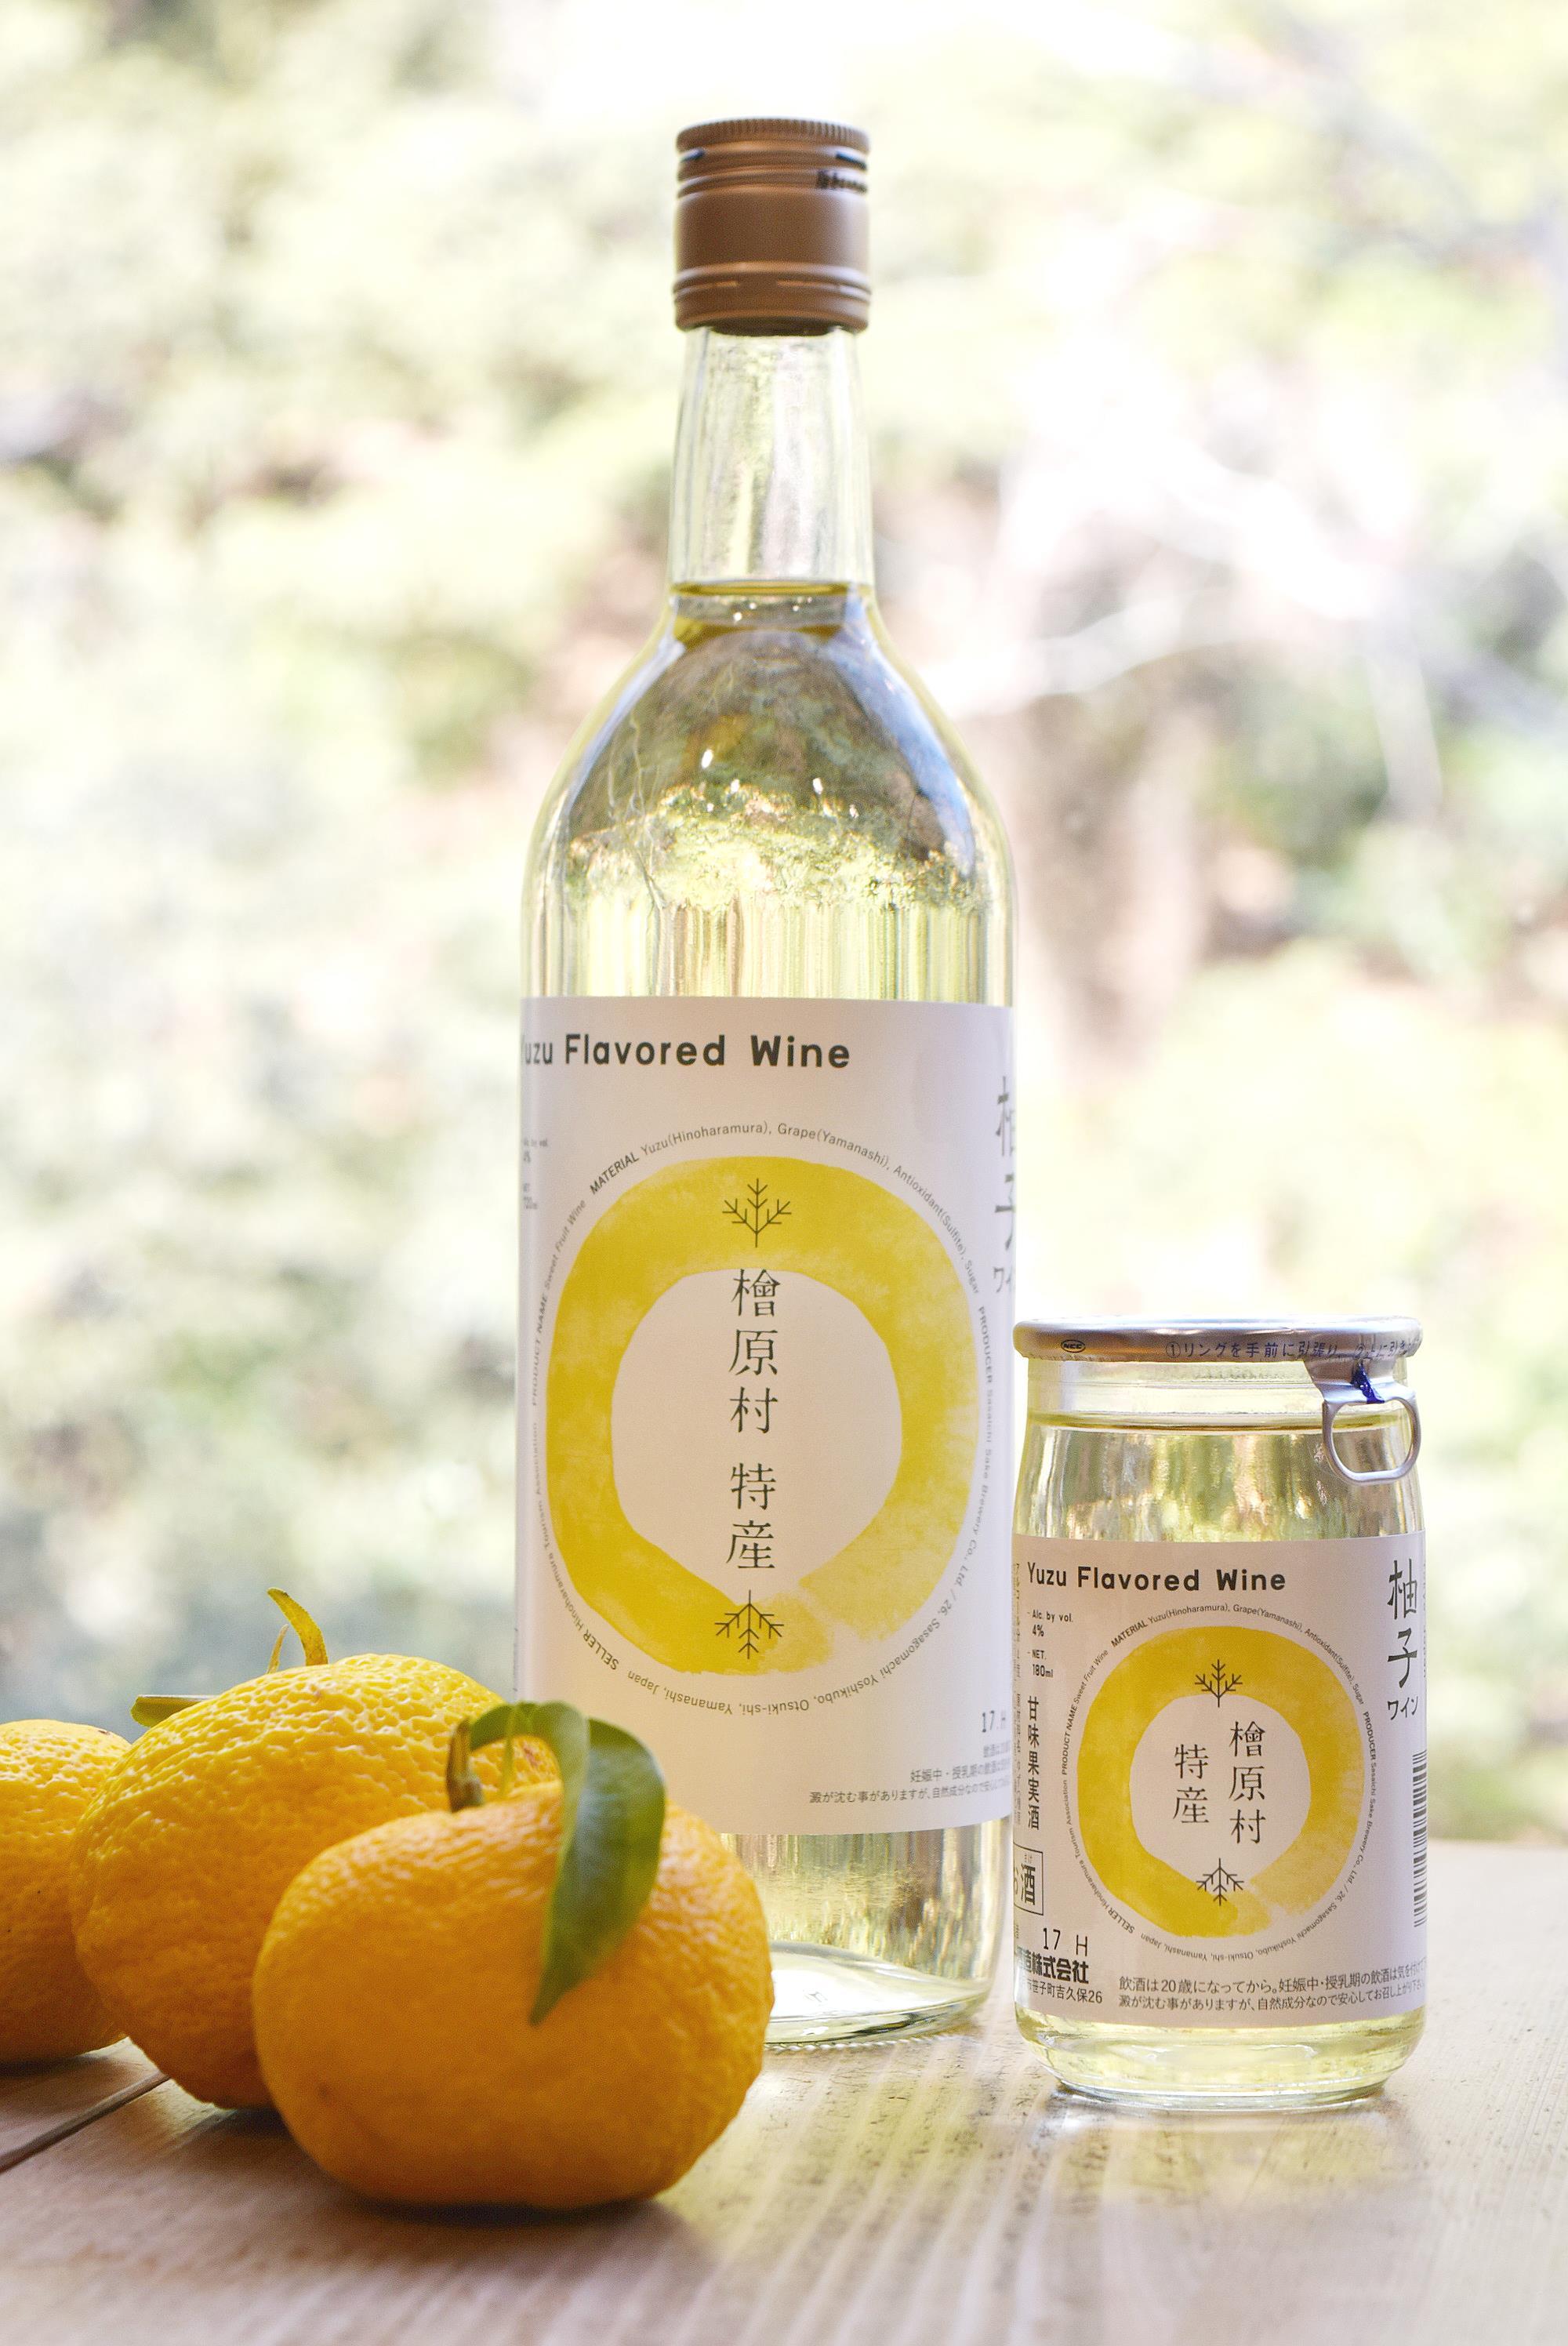 じゃがいも焼酎「HINOHARA」(720ml・1本)+ゆずワイン(720ml・1本)